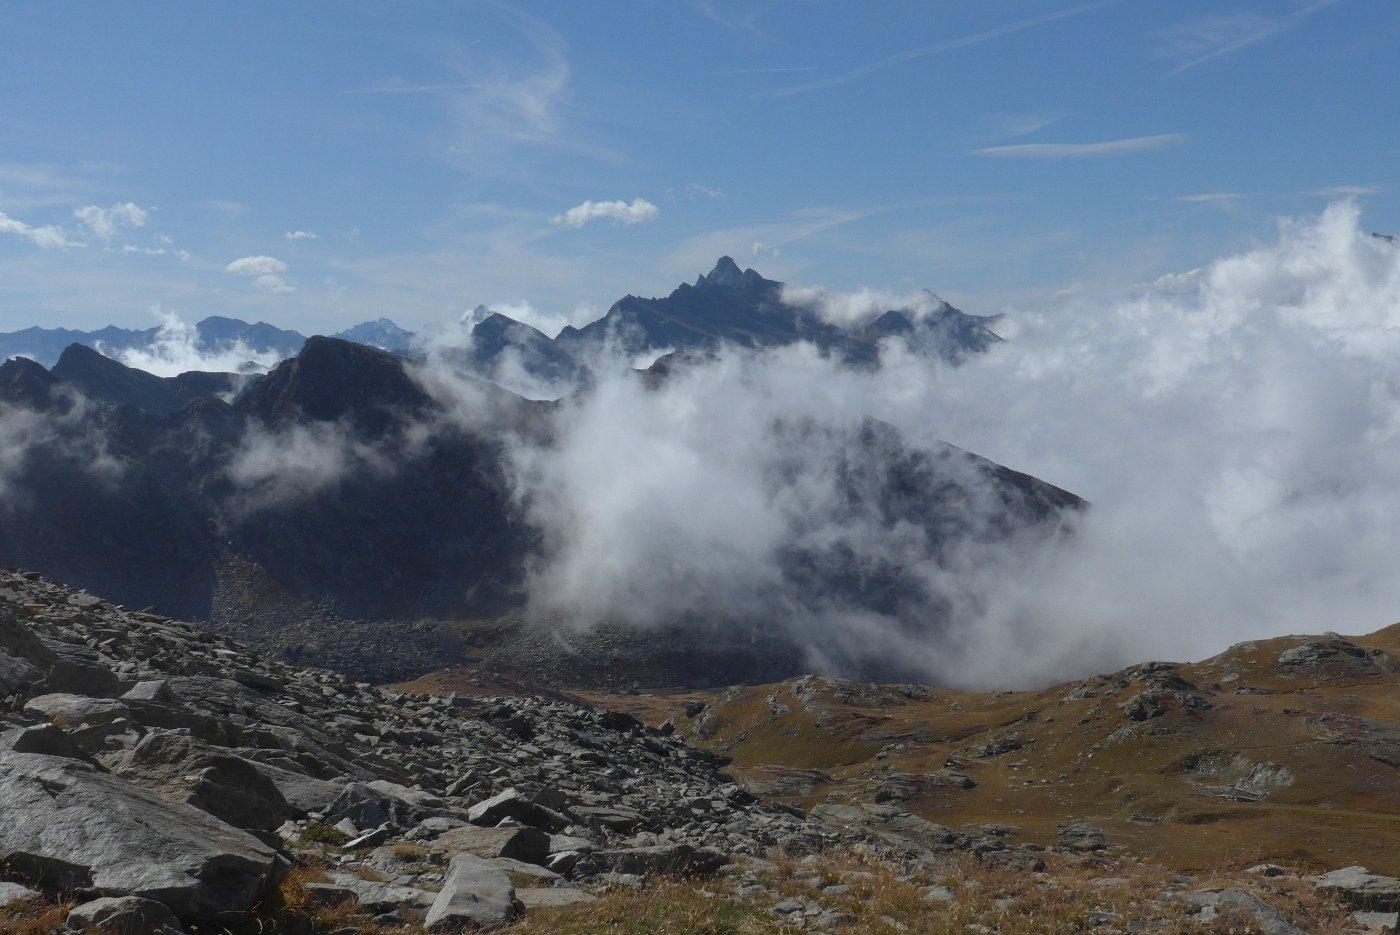 Ultimo panorama al colle mentre arrivano le nuvole